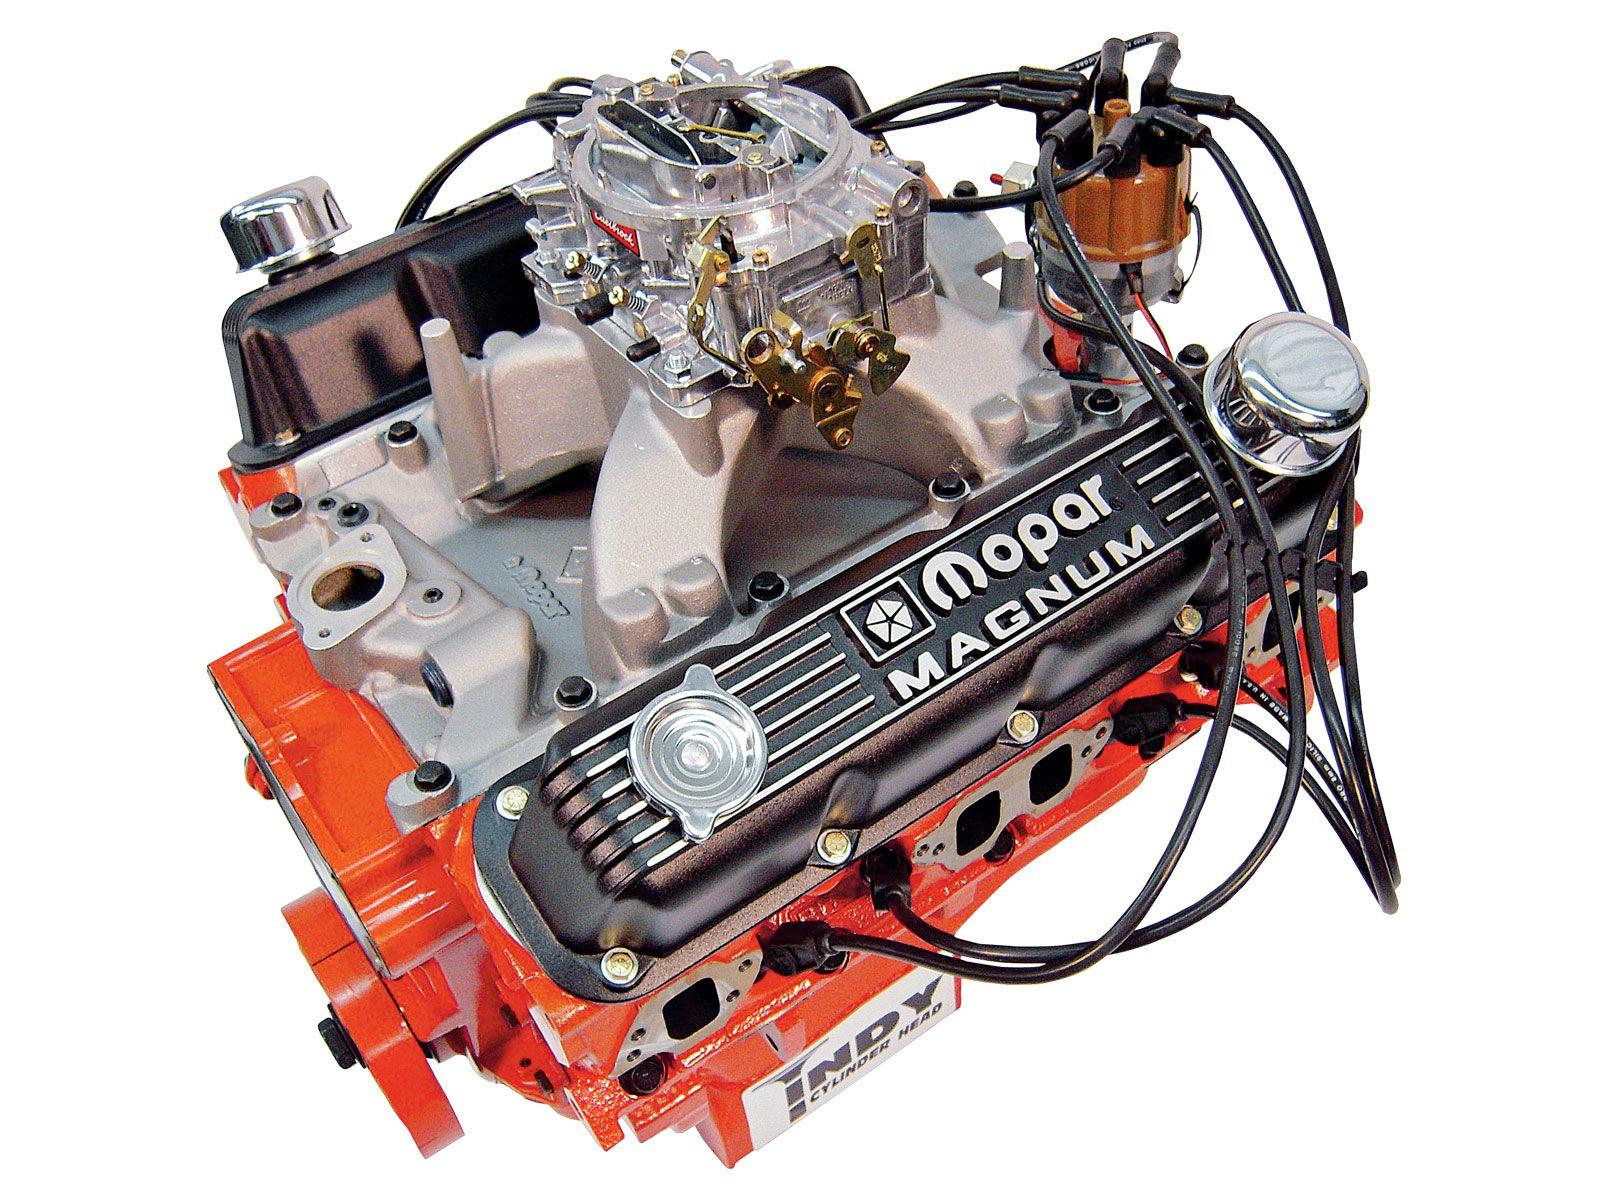 Mopar Crate V8 Engine httpwwwmusclecardefinitioncom  Dodge